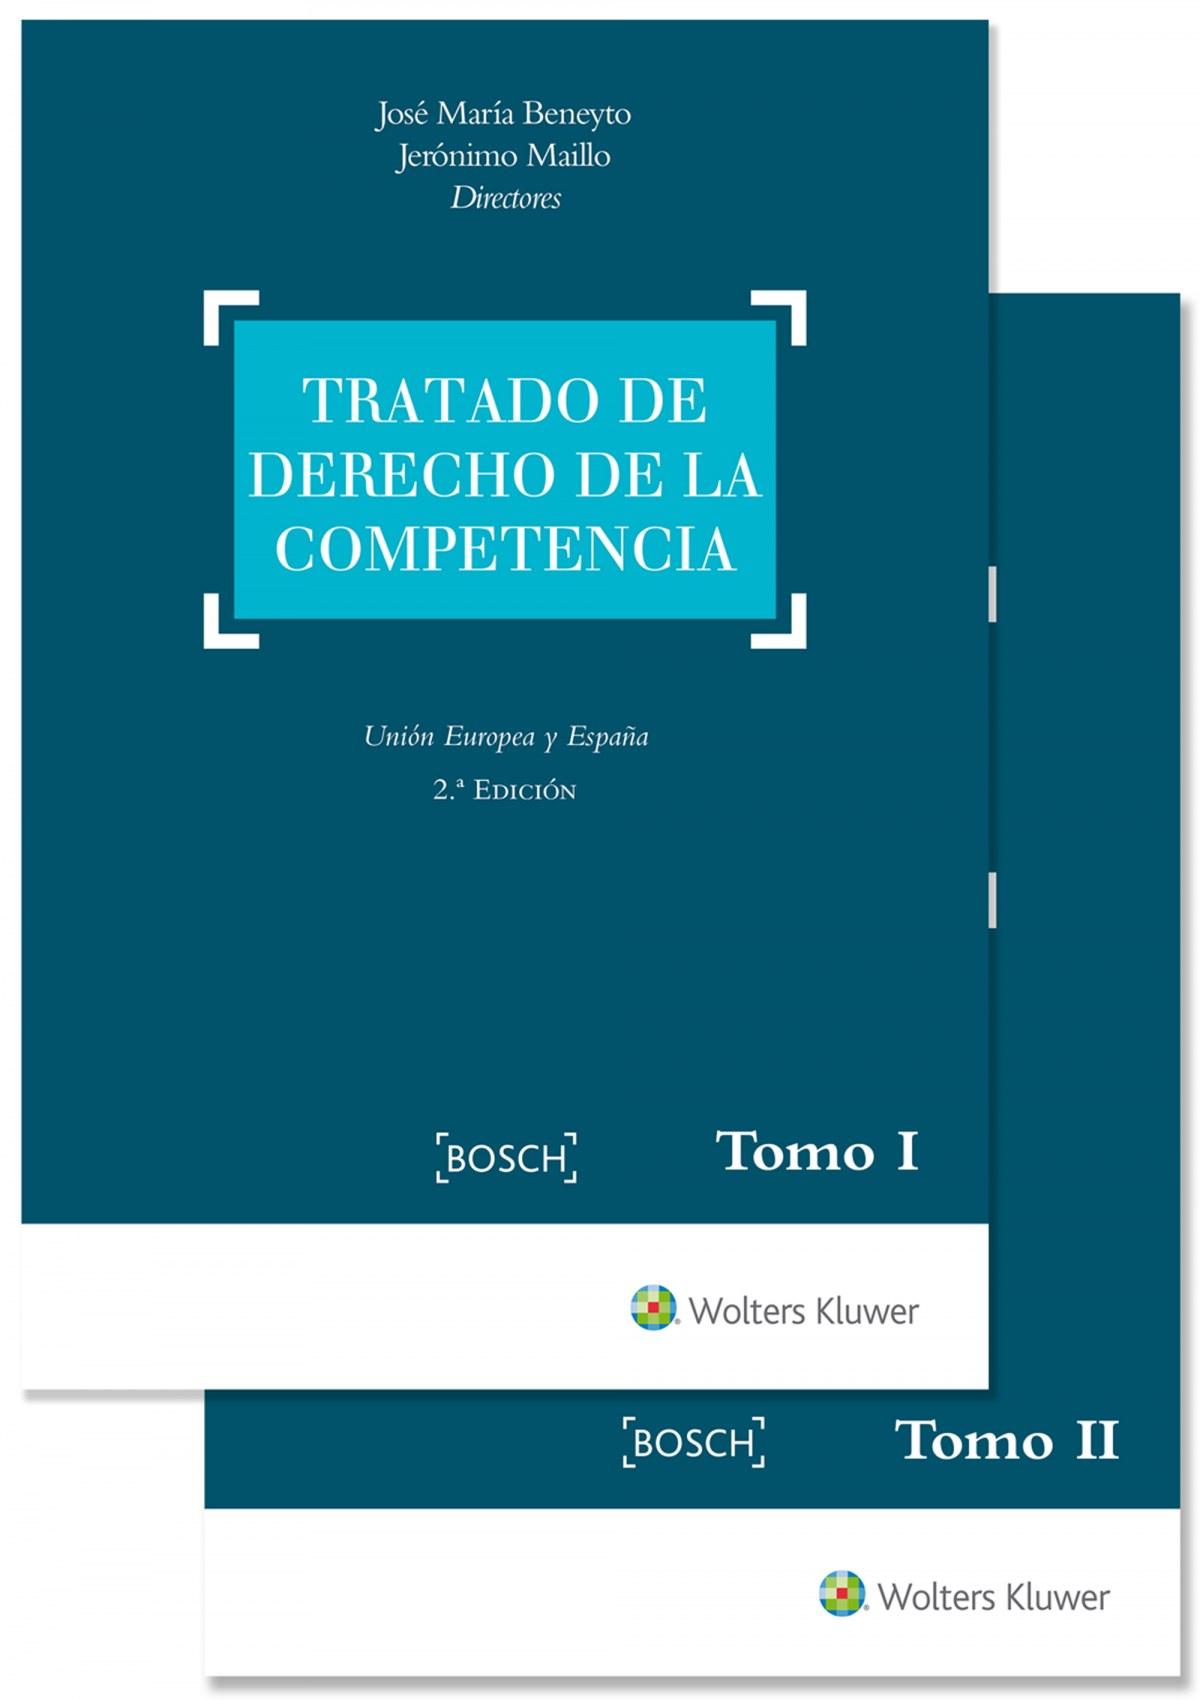 TRATADO DE DERECHO DE LA COMPETENCIA (2 TOMOS)